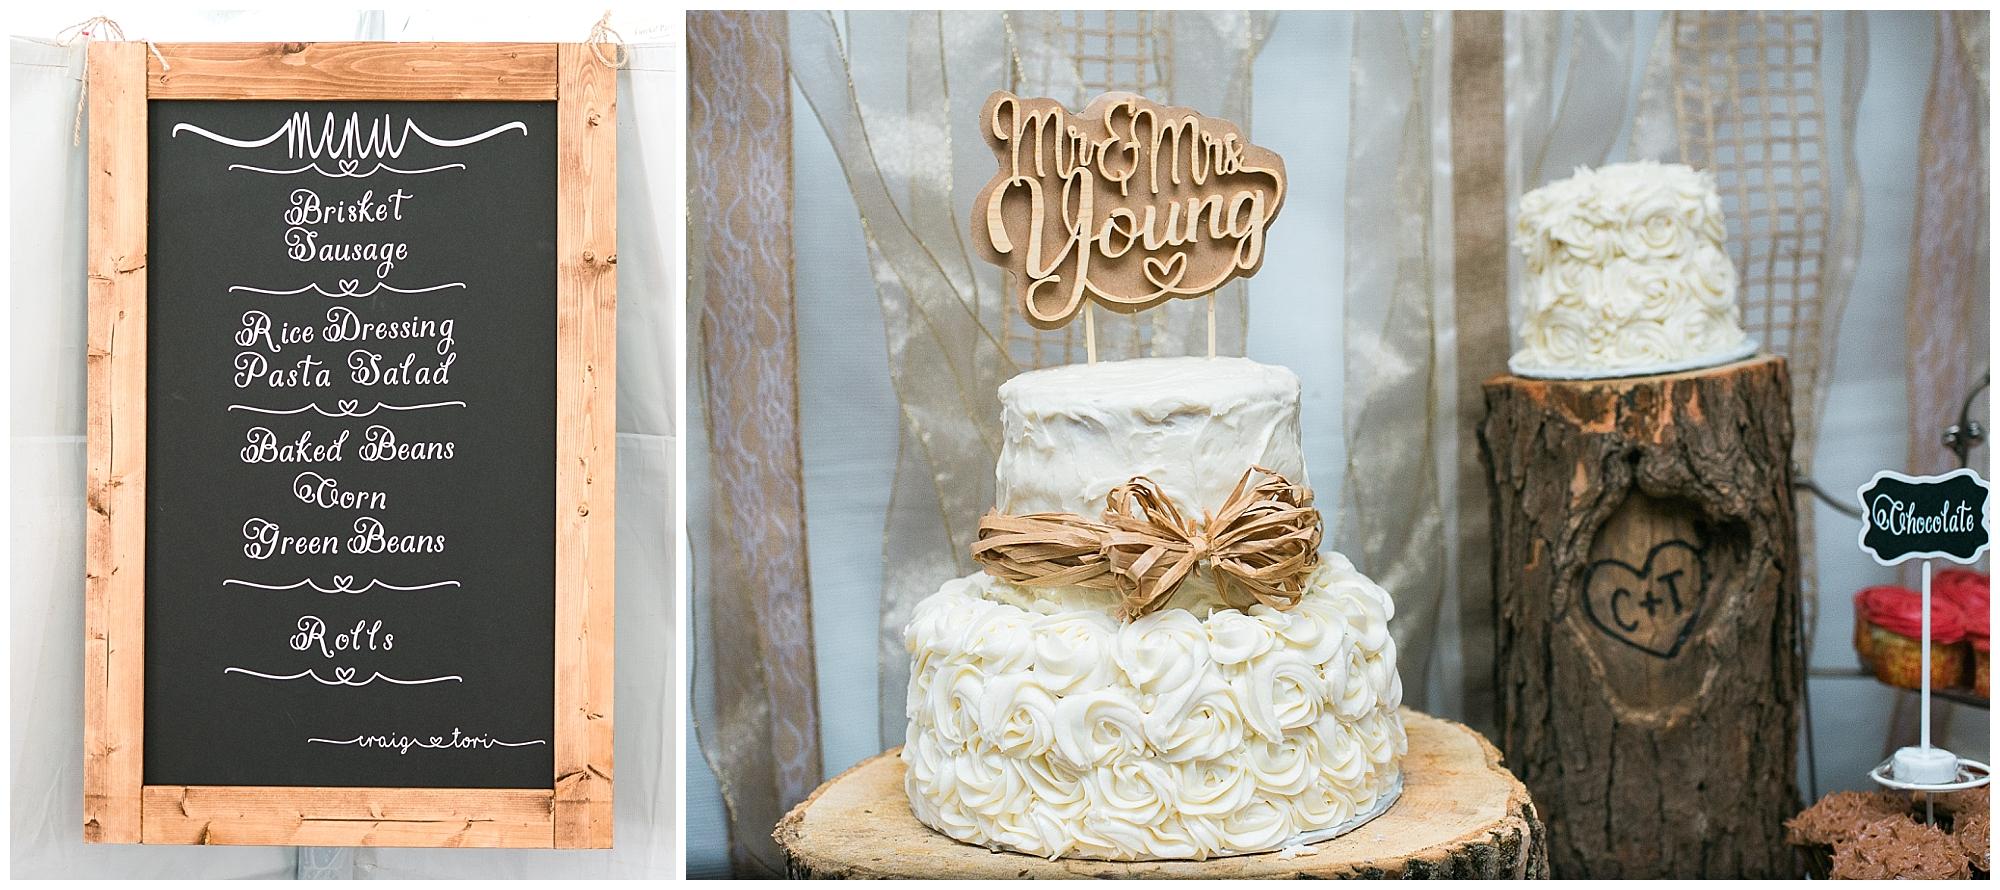 cajun-wedding-reception